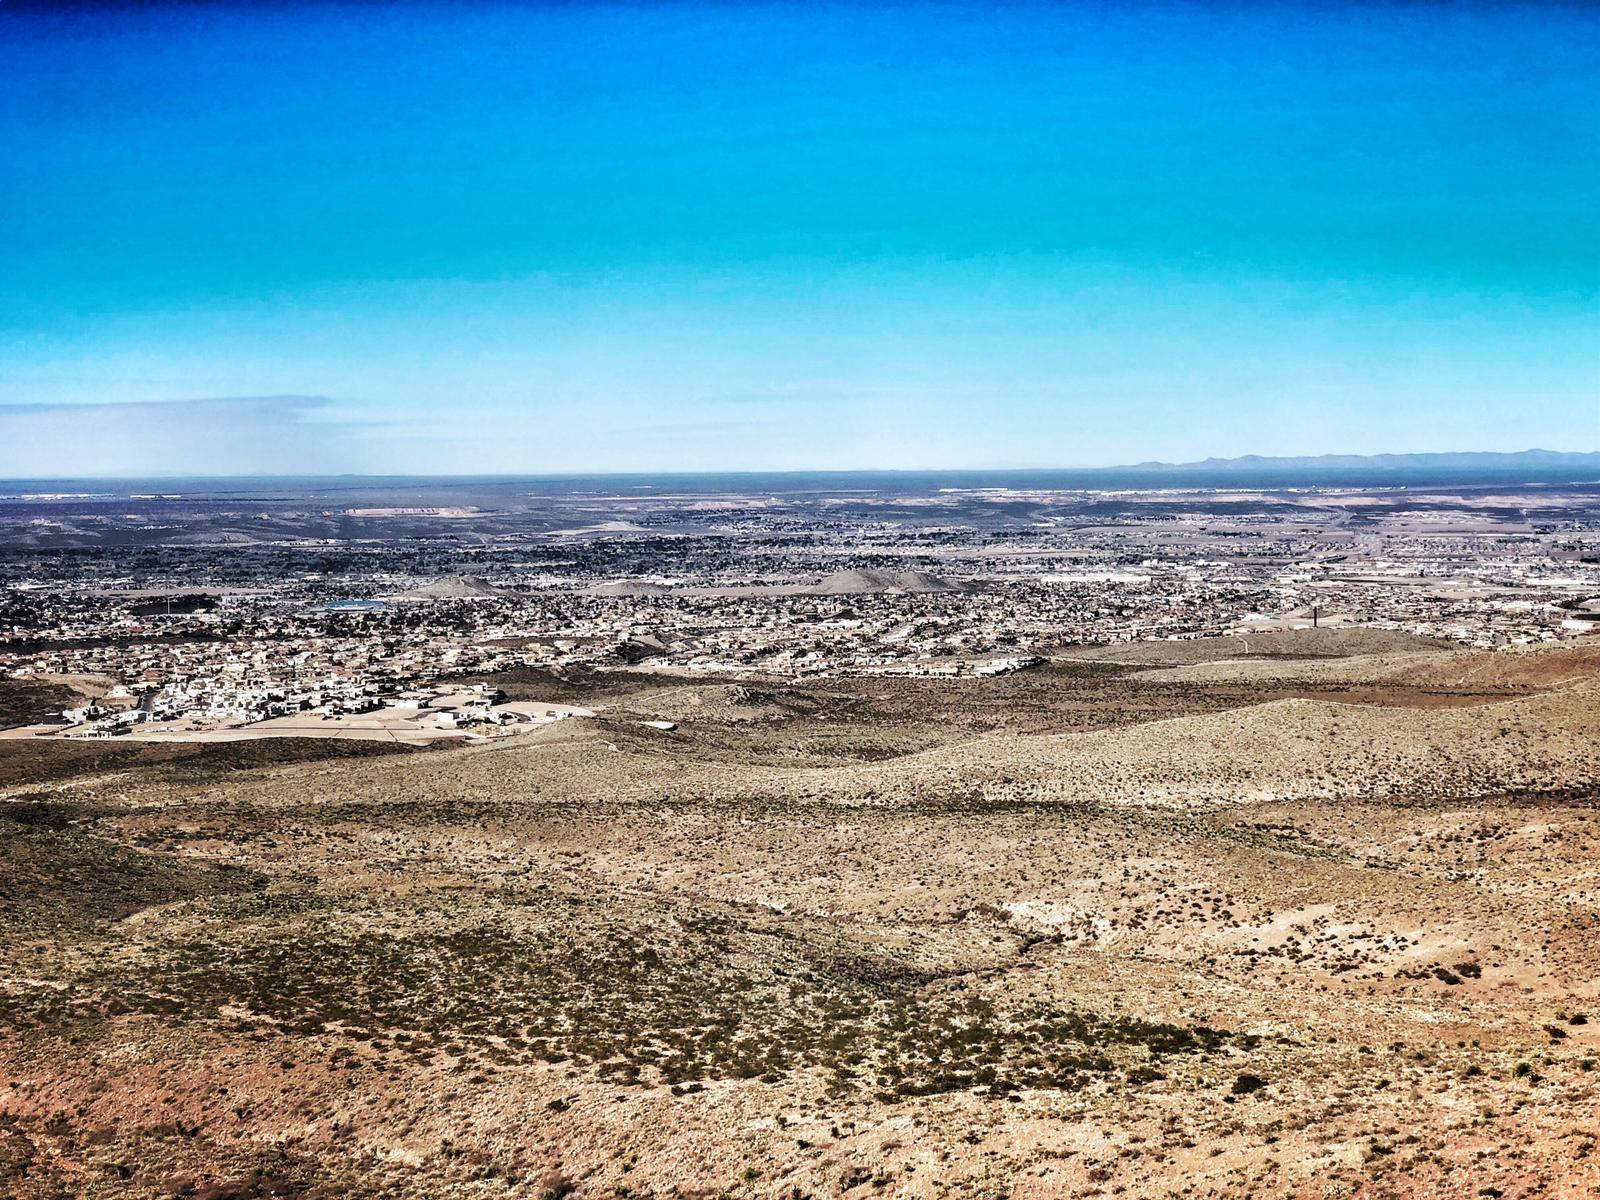 Fantastische Aussicht auf El Paso.